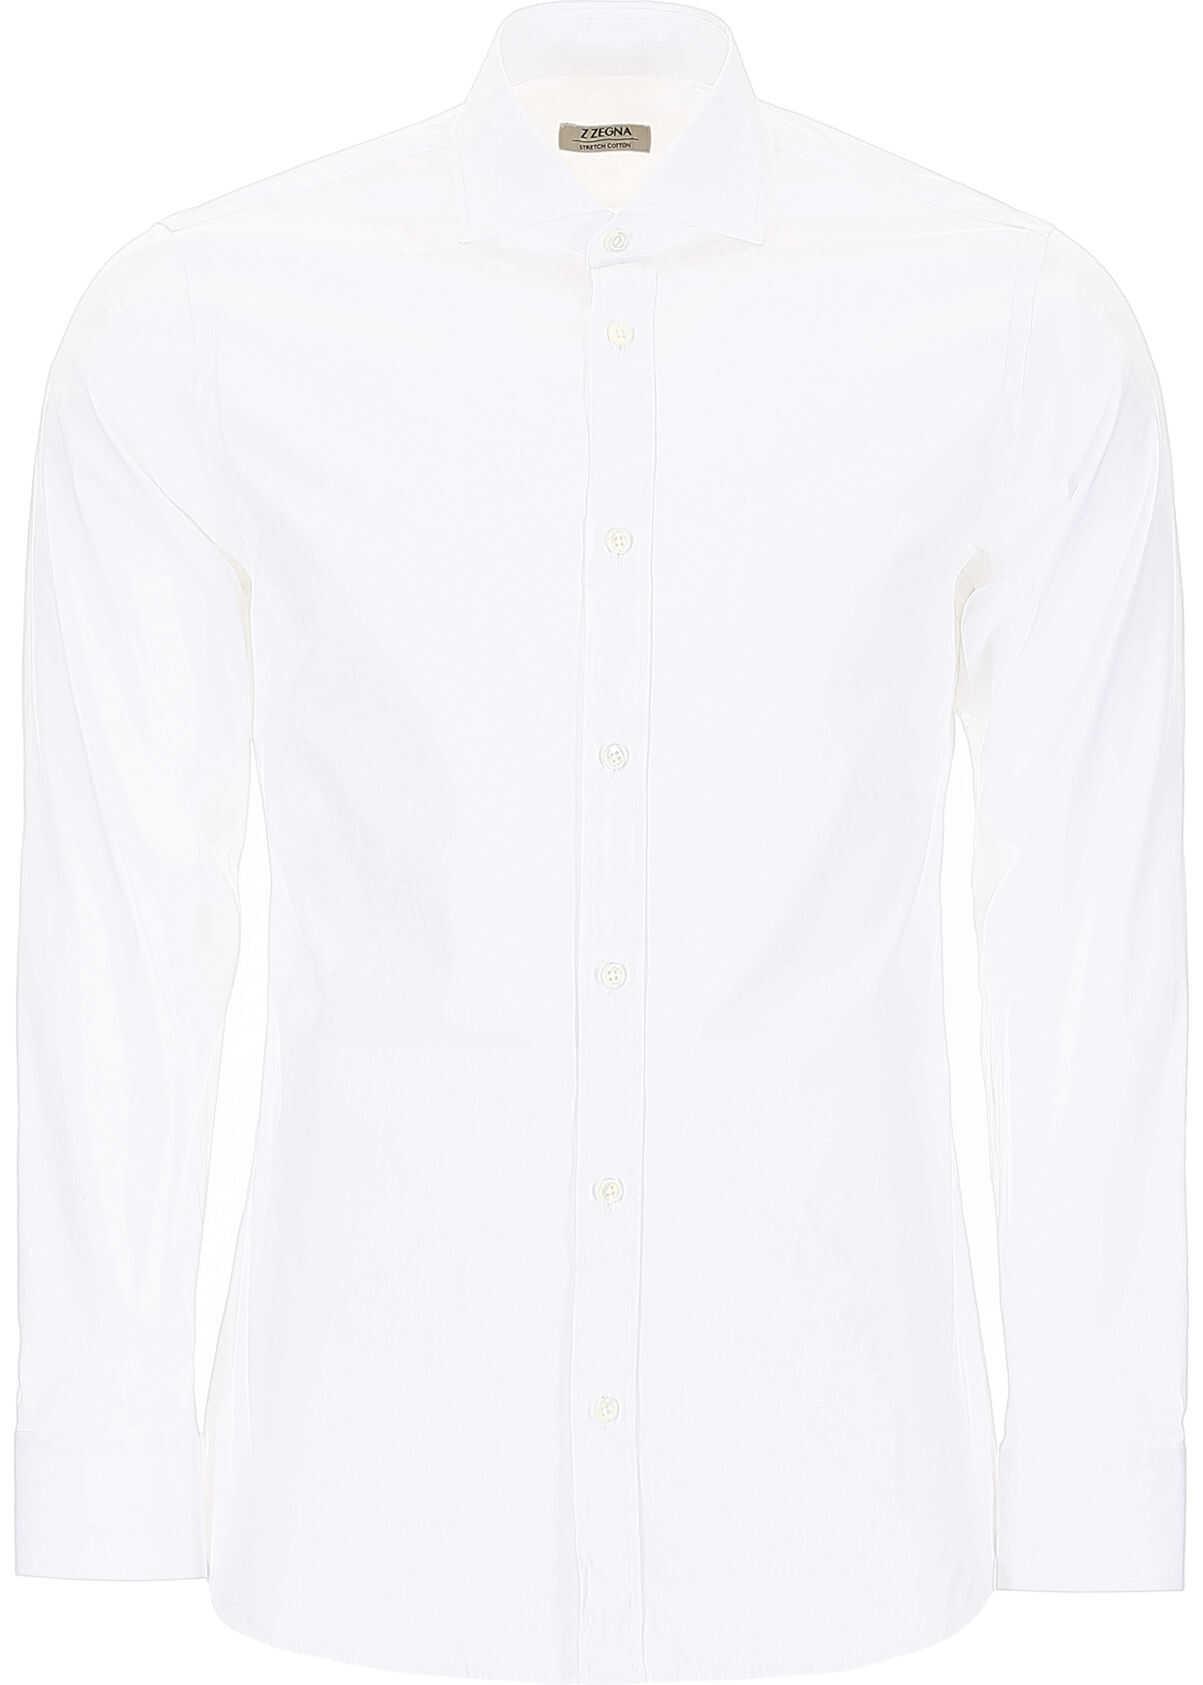 Z Zegna Cotton Shirt BIANCO OTTICO UNITO